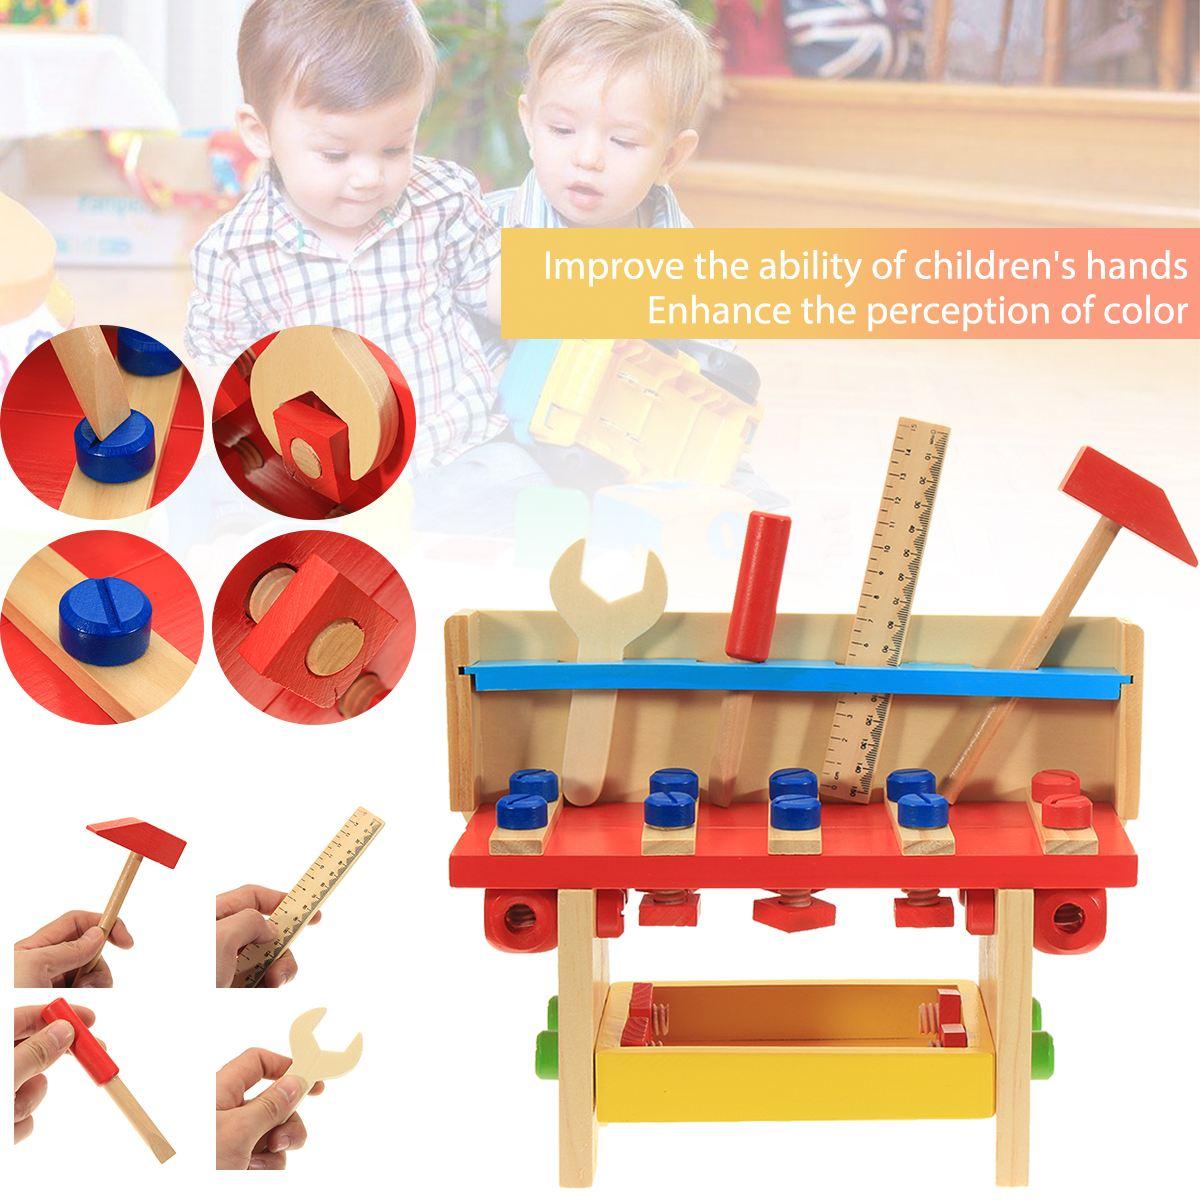 Lelin Для детей 30 шт. Ролевые игры игрушки деревянные плотник Builder работы DIY инструмент скамейке игрушка